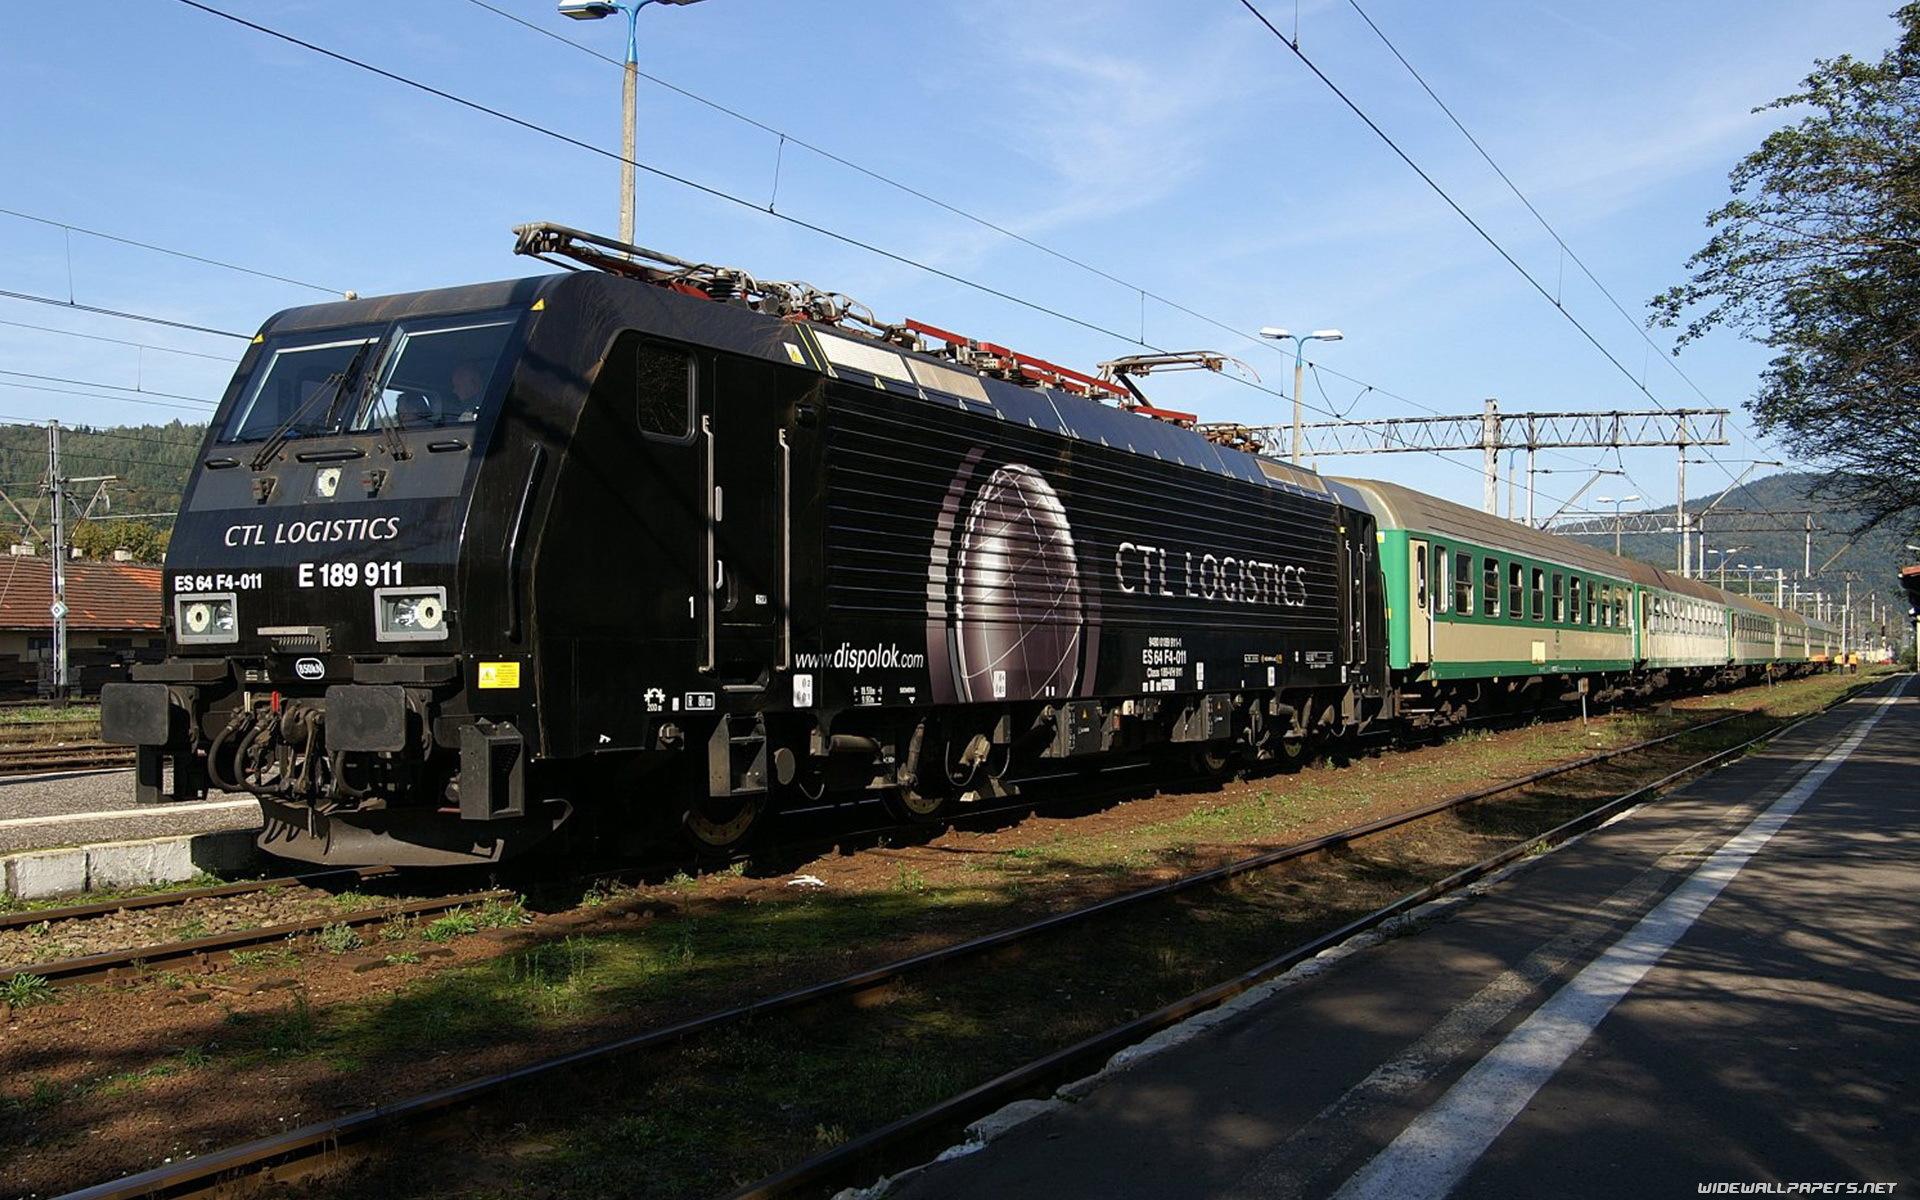 23969壁紙のダウンロード輸送, 列車-スクリーンセーバーと写真を無料で